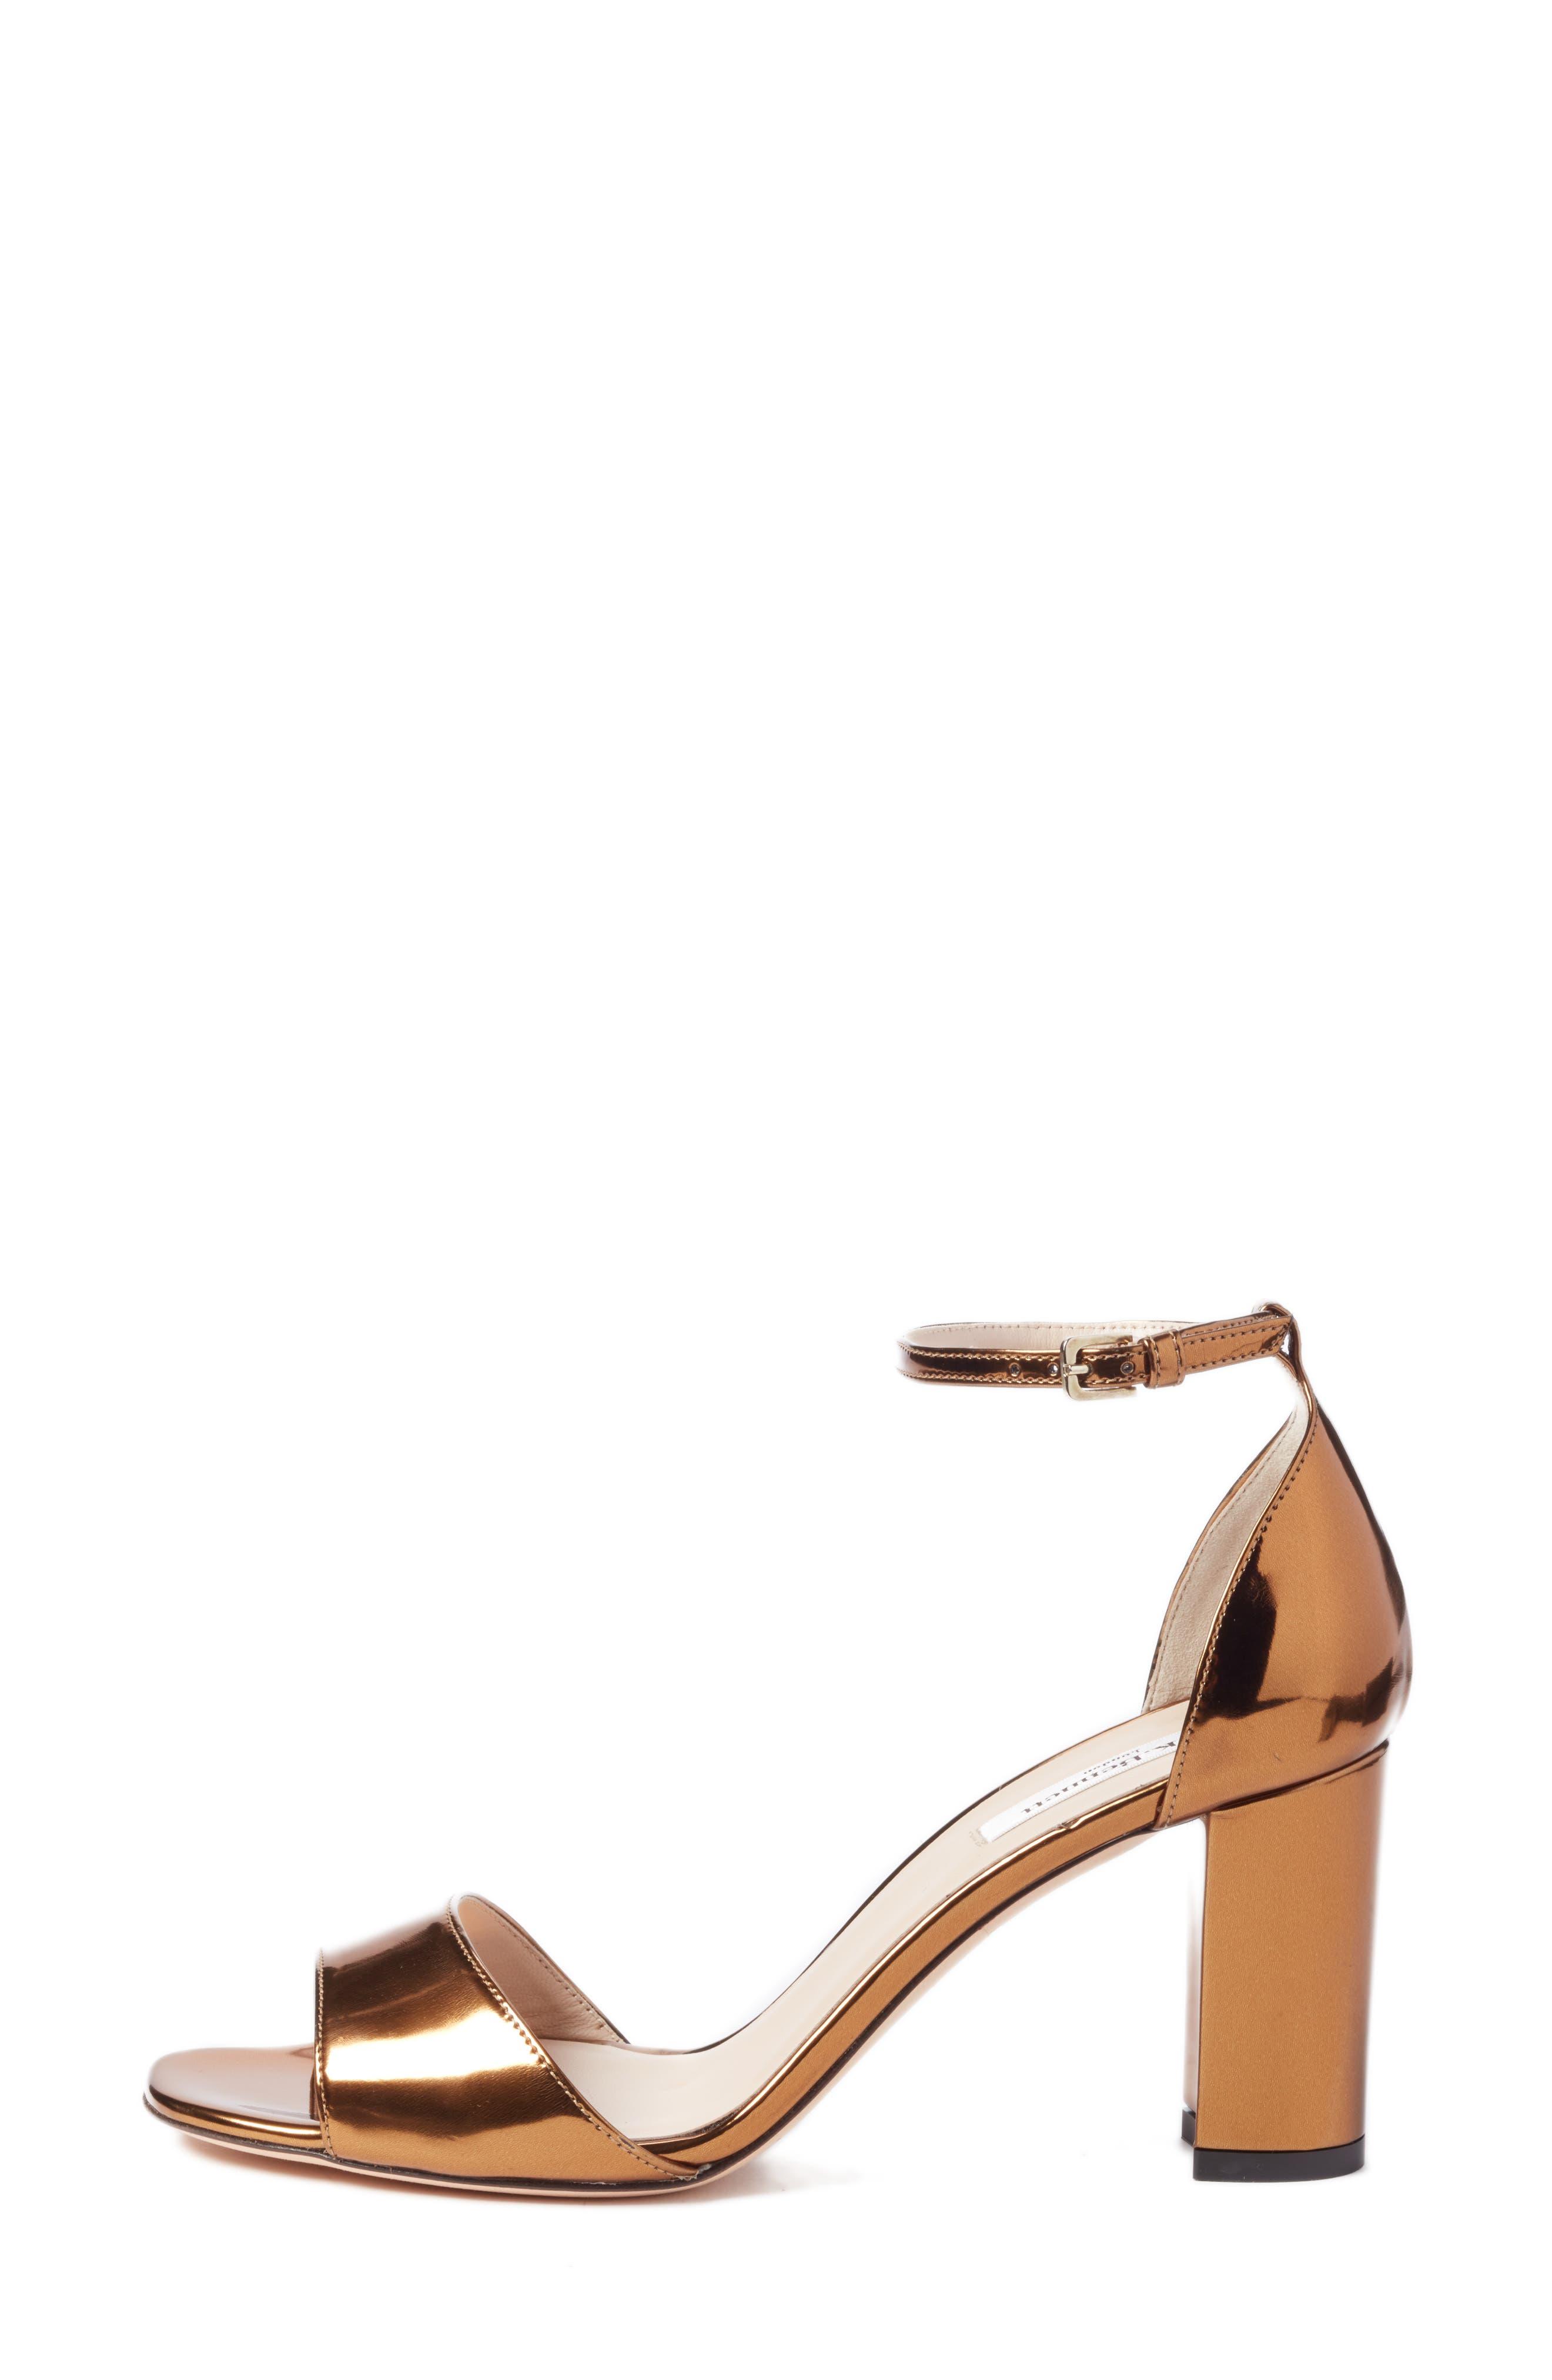 Alternate Image 3  - L.K. Bennett 'Helena' Ankle Strap Block Heel Sandal (Women)